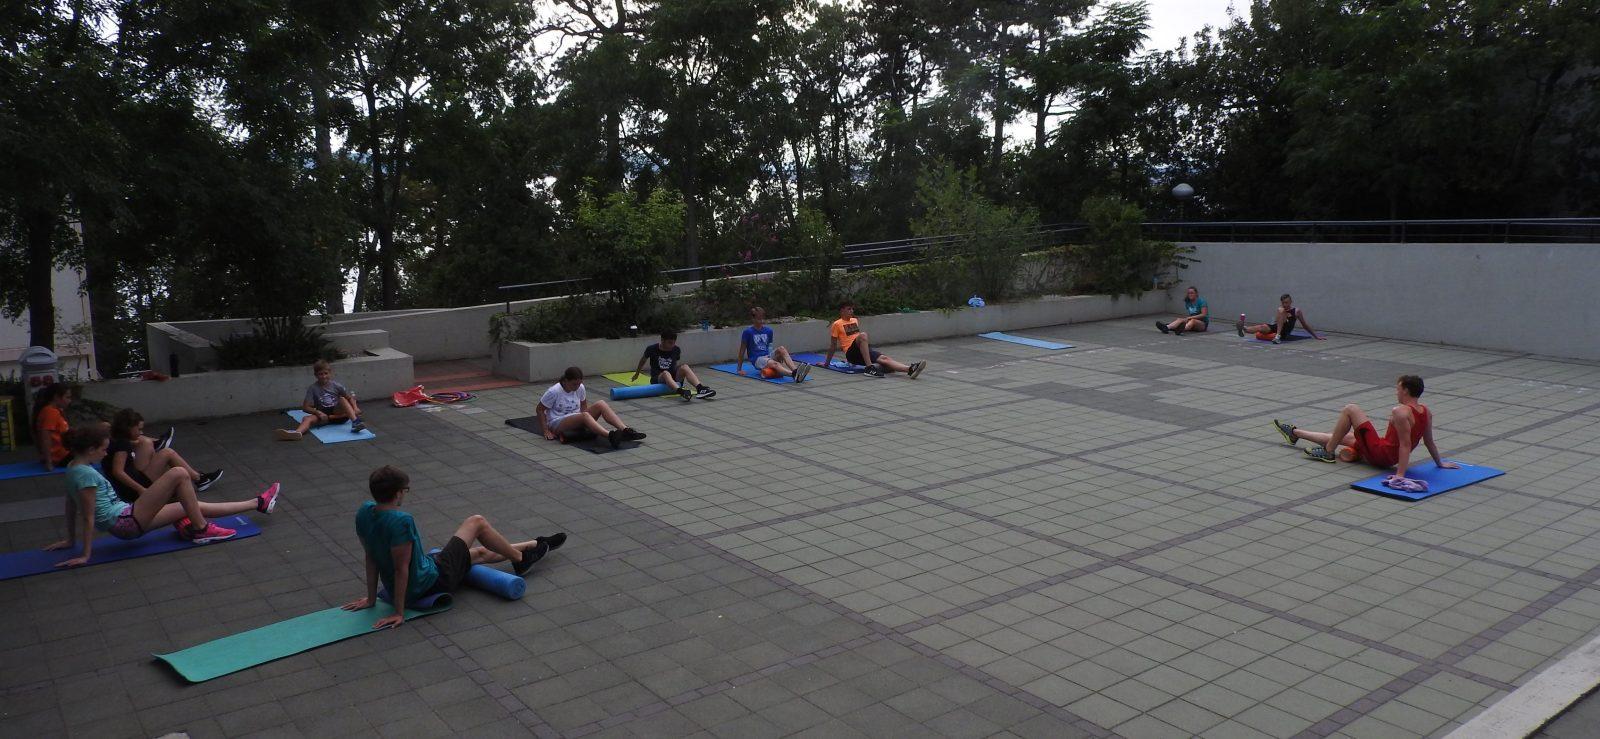 čakovečki plivački klub ljeto vježbanje